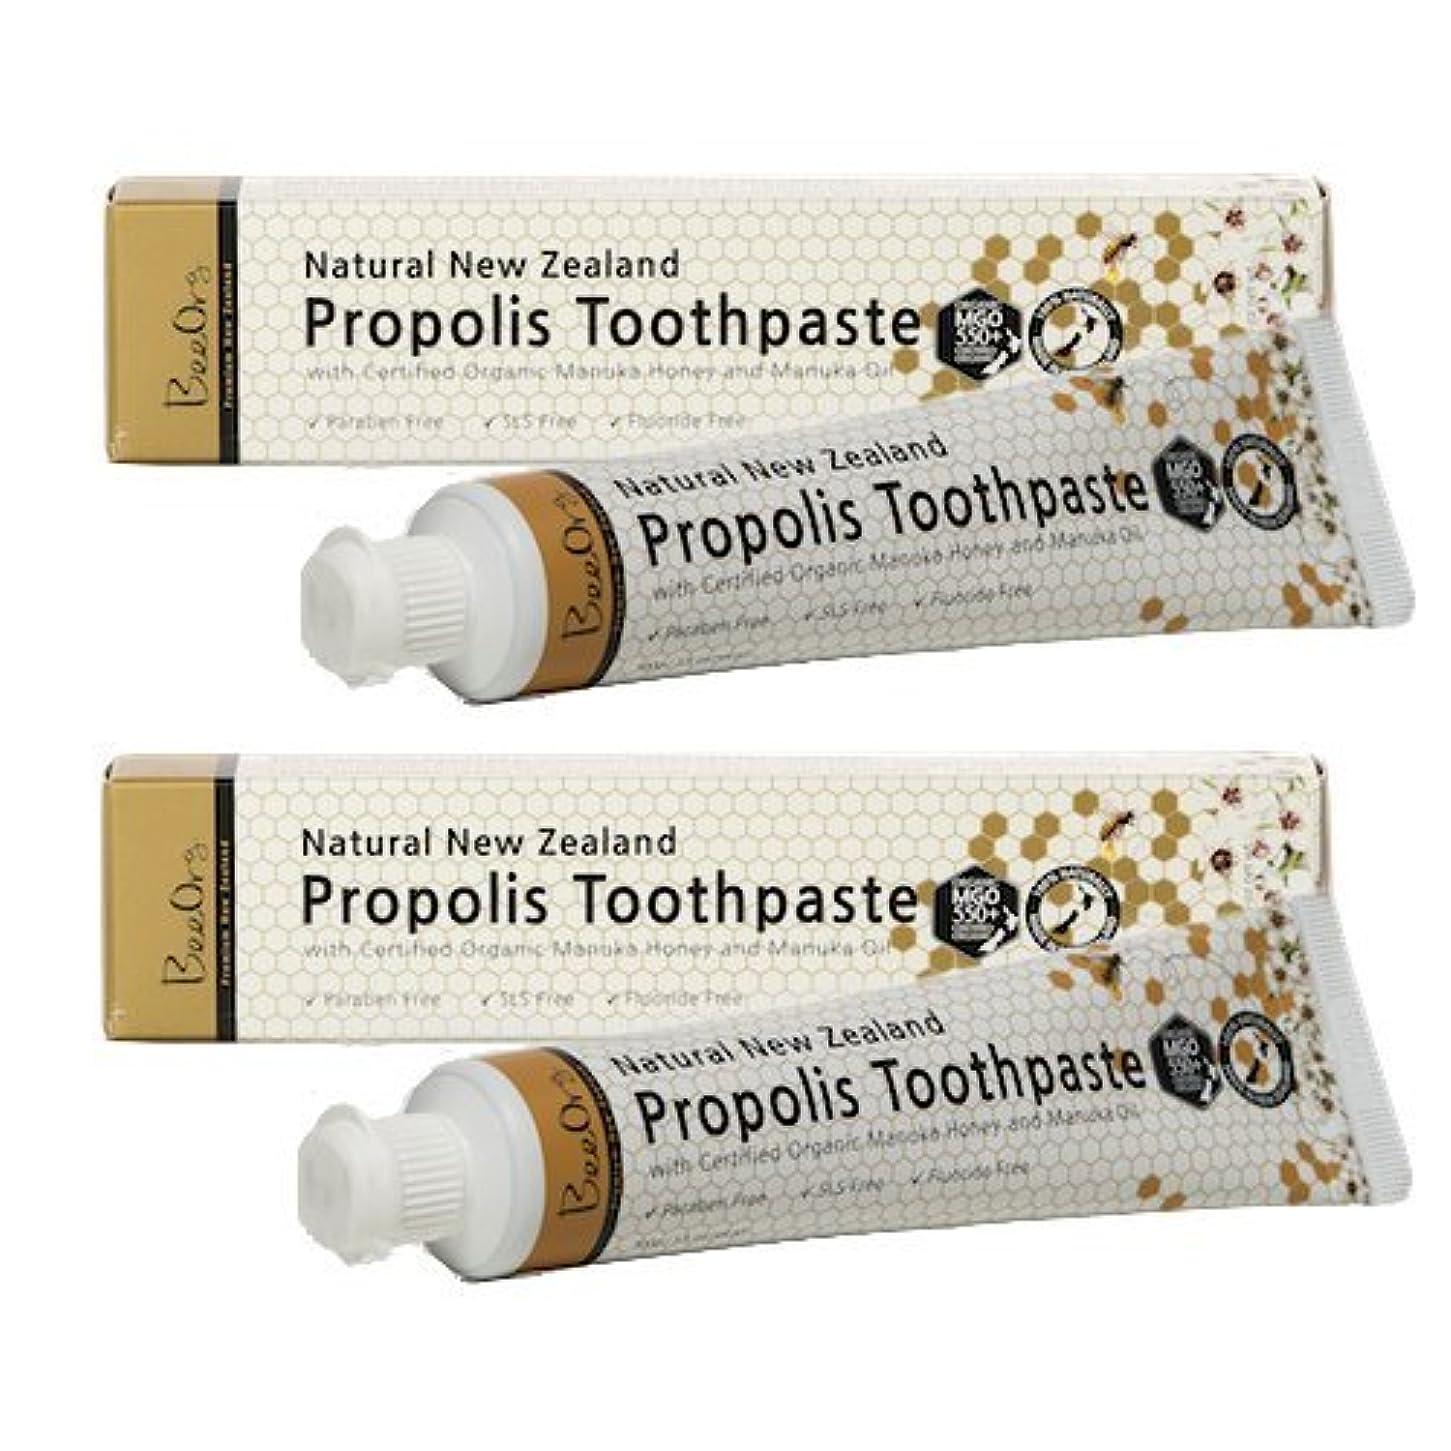 フォーマル独立してマリナープロポリス&オーガニック認定マヌカハニーwithマヌカオイル歯磨き 2本セット